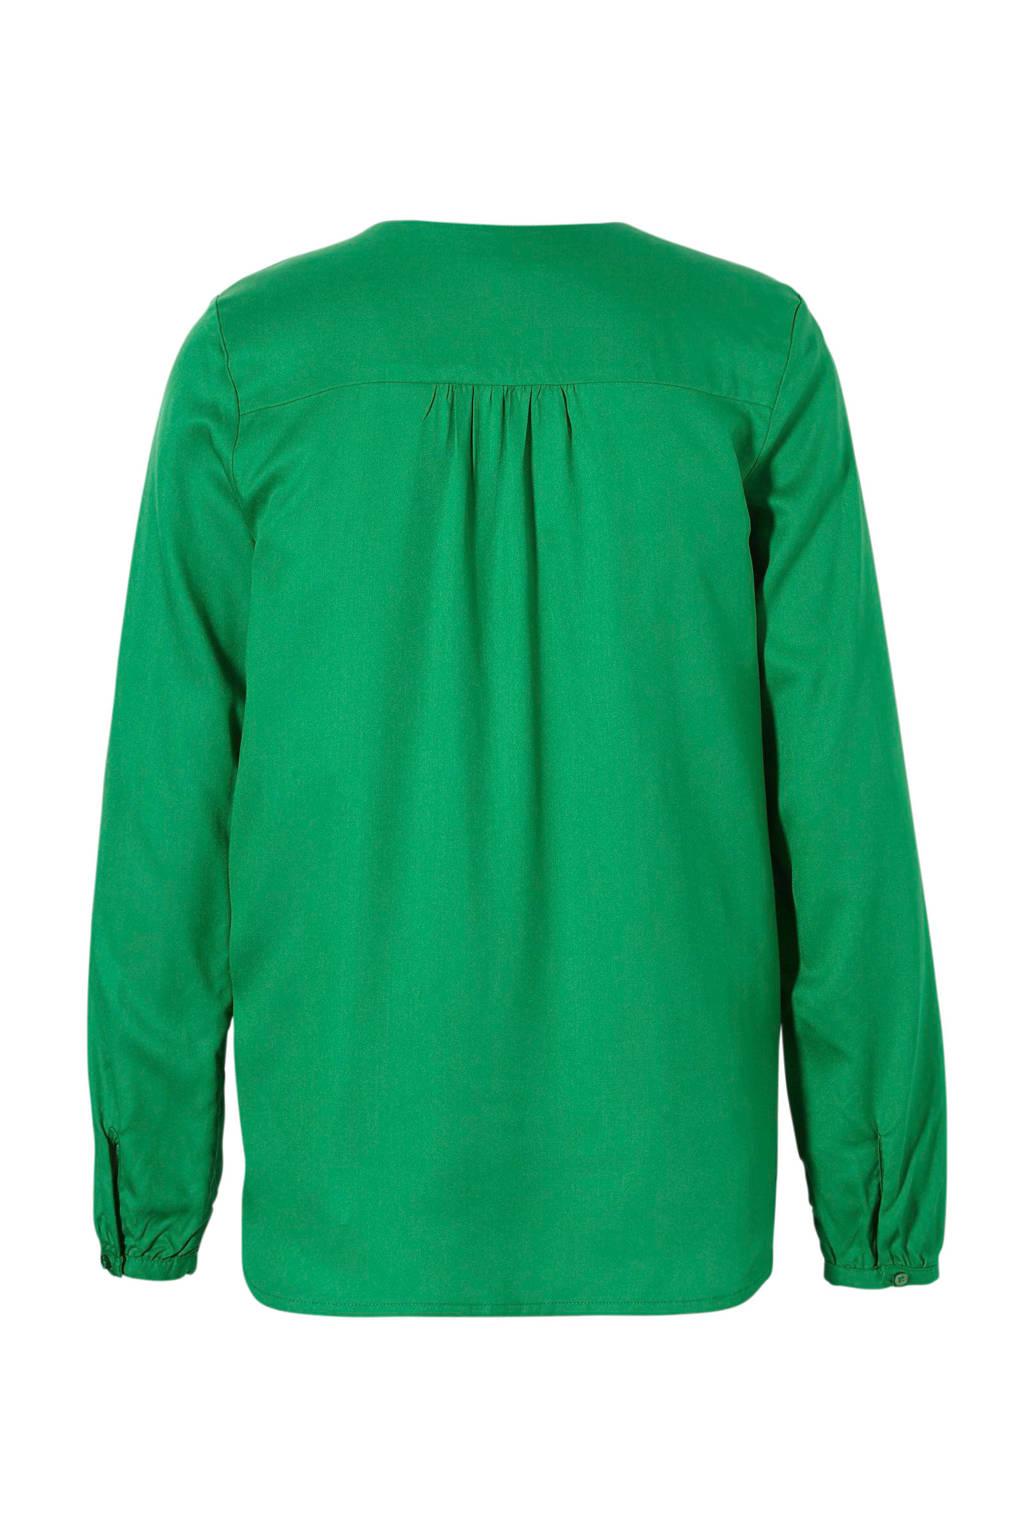 ARMEDANGELS top groen met V-hals, Groen